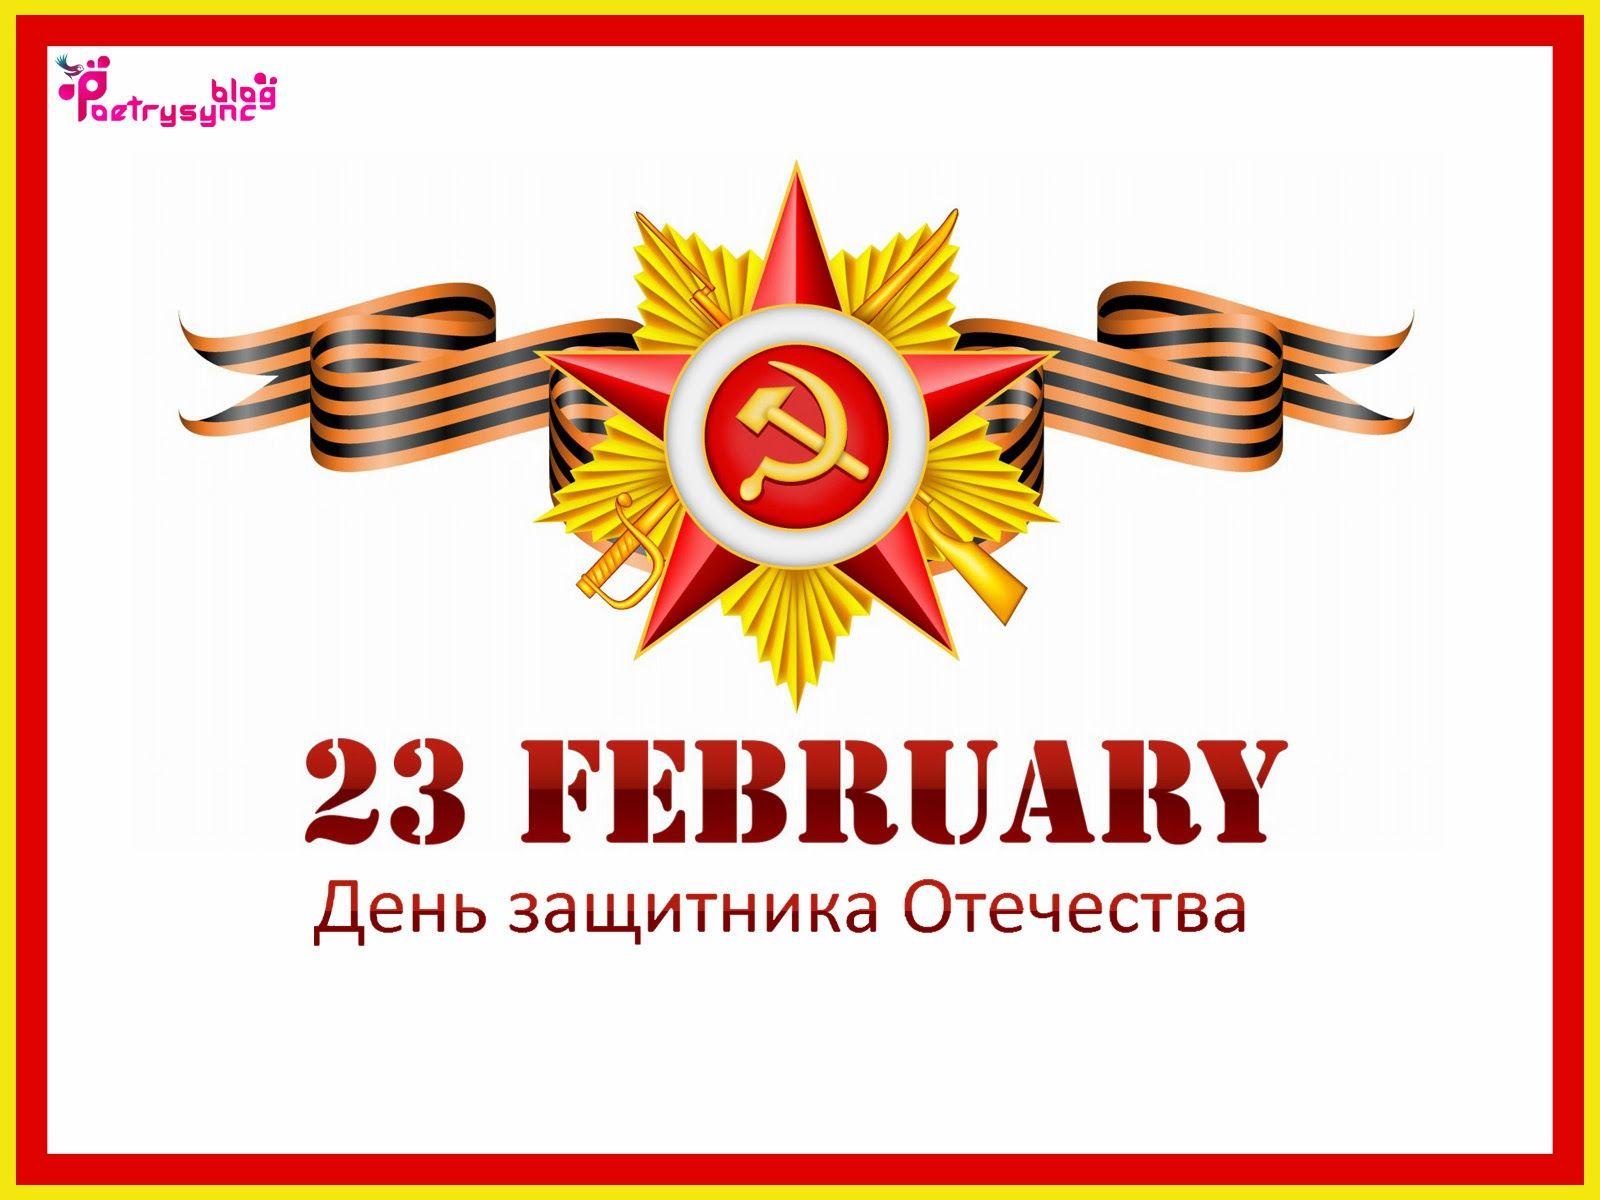 23 февраля открытки на английском, смешные про